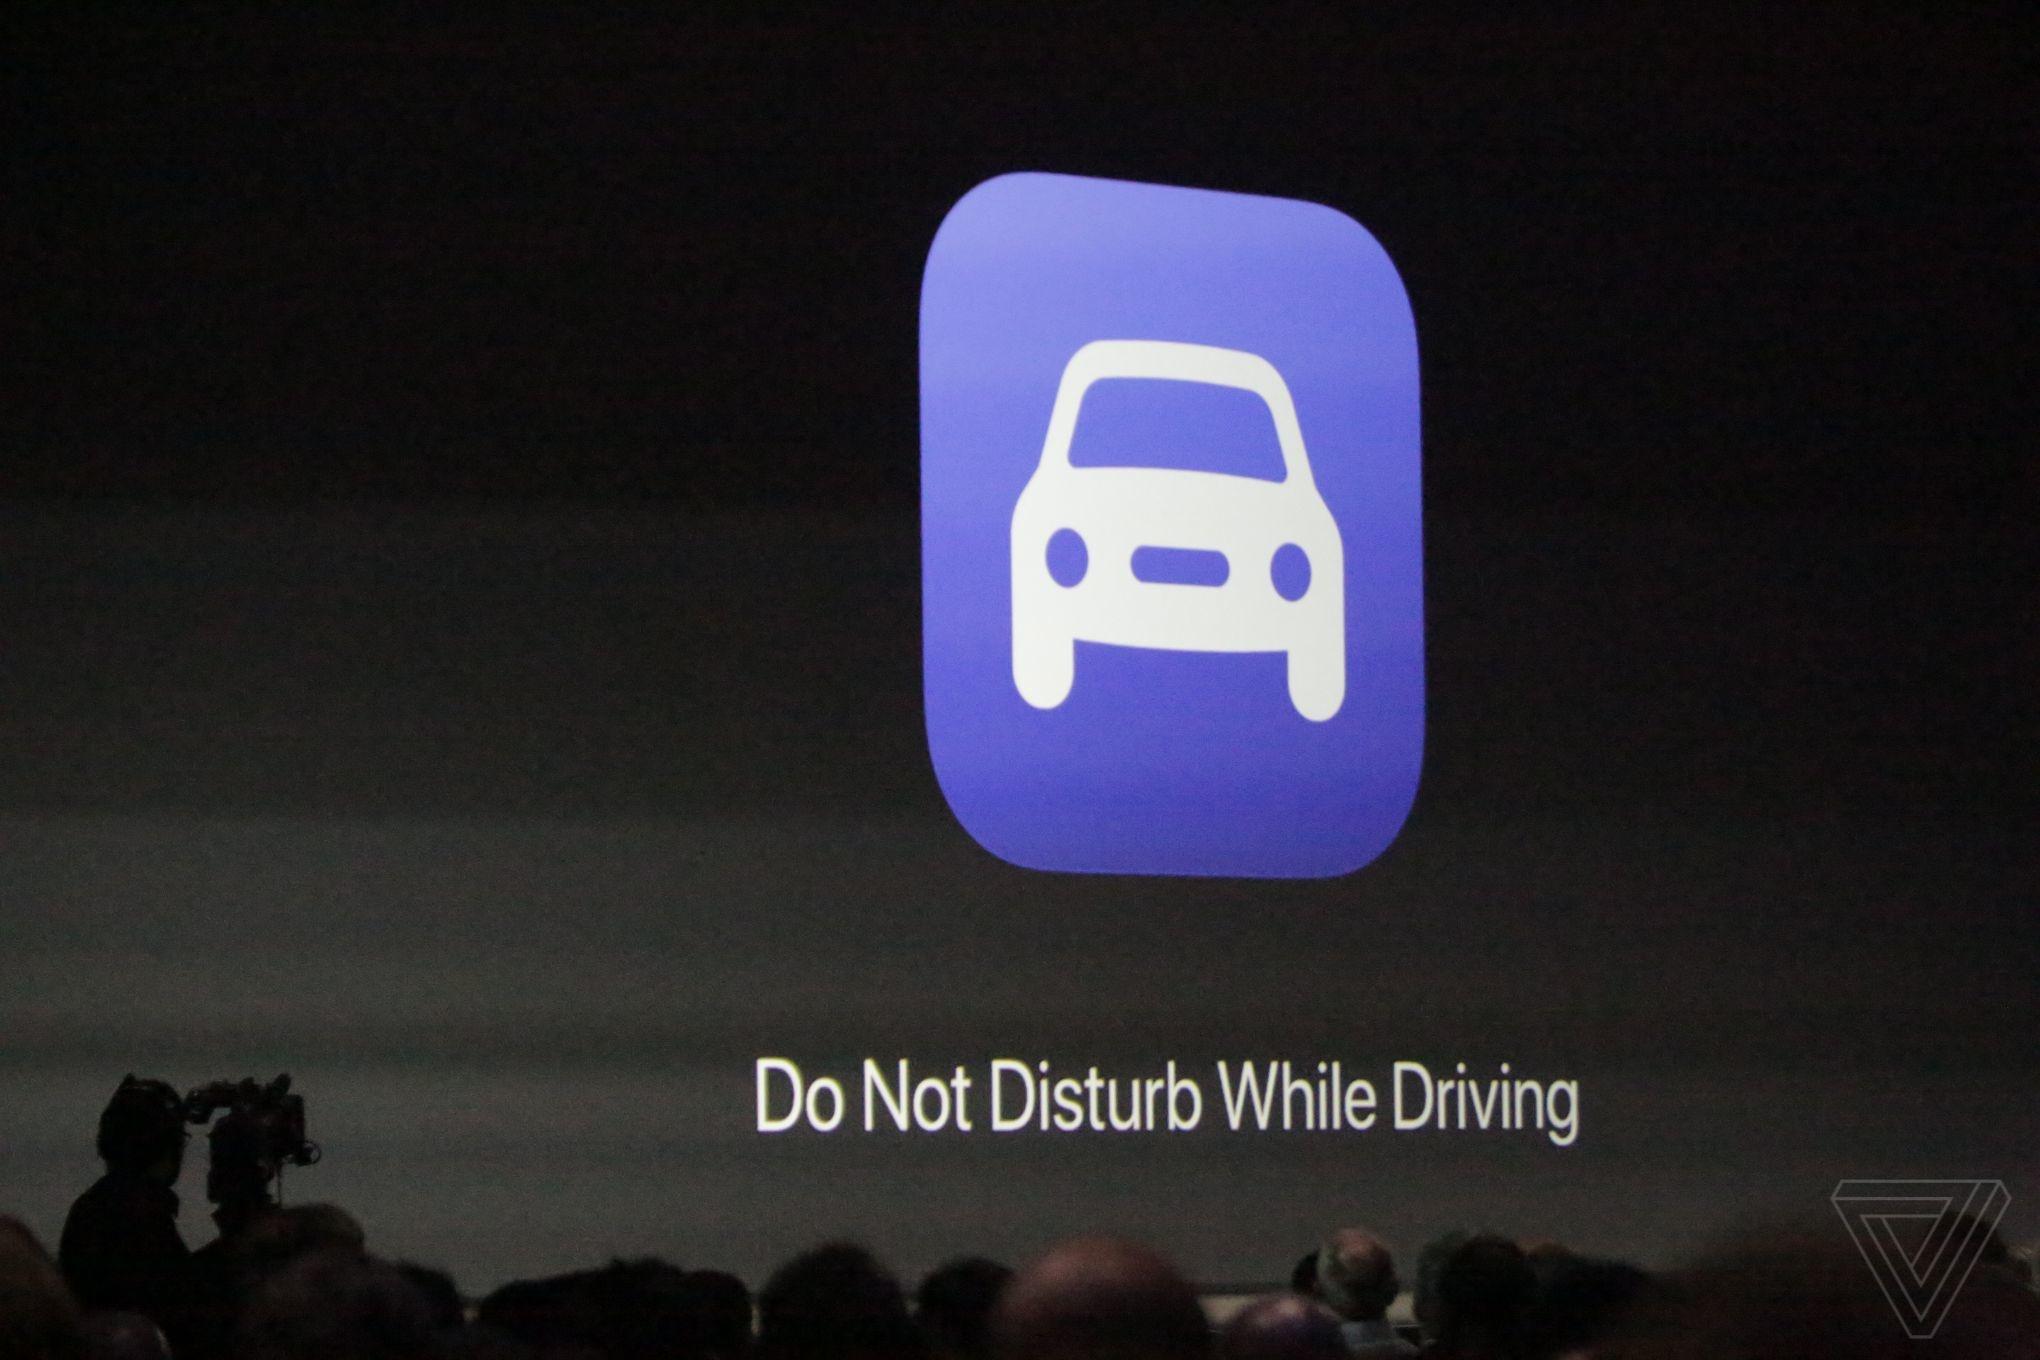 رونمایی از سیستم عامل آیاواس ۱۱ اپل برای آیفون و آی پد در WWDC 2017